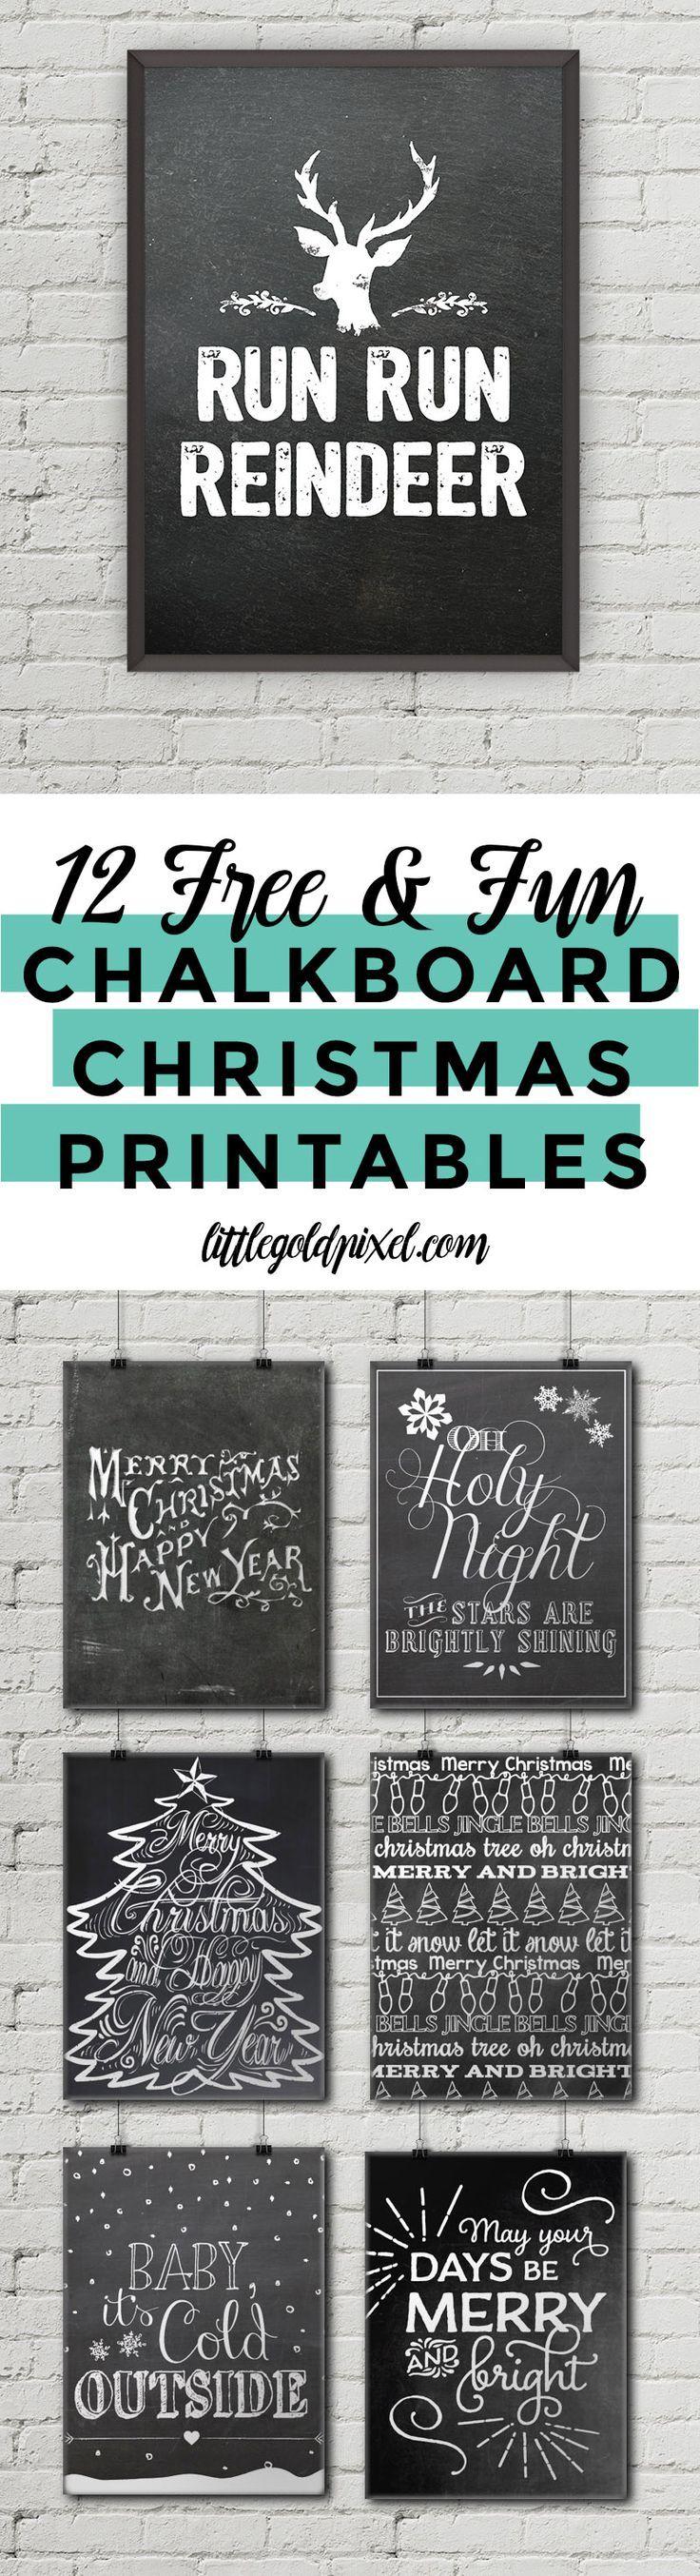 12 Free Christmas Chalkboard Printables